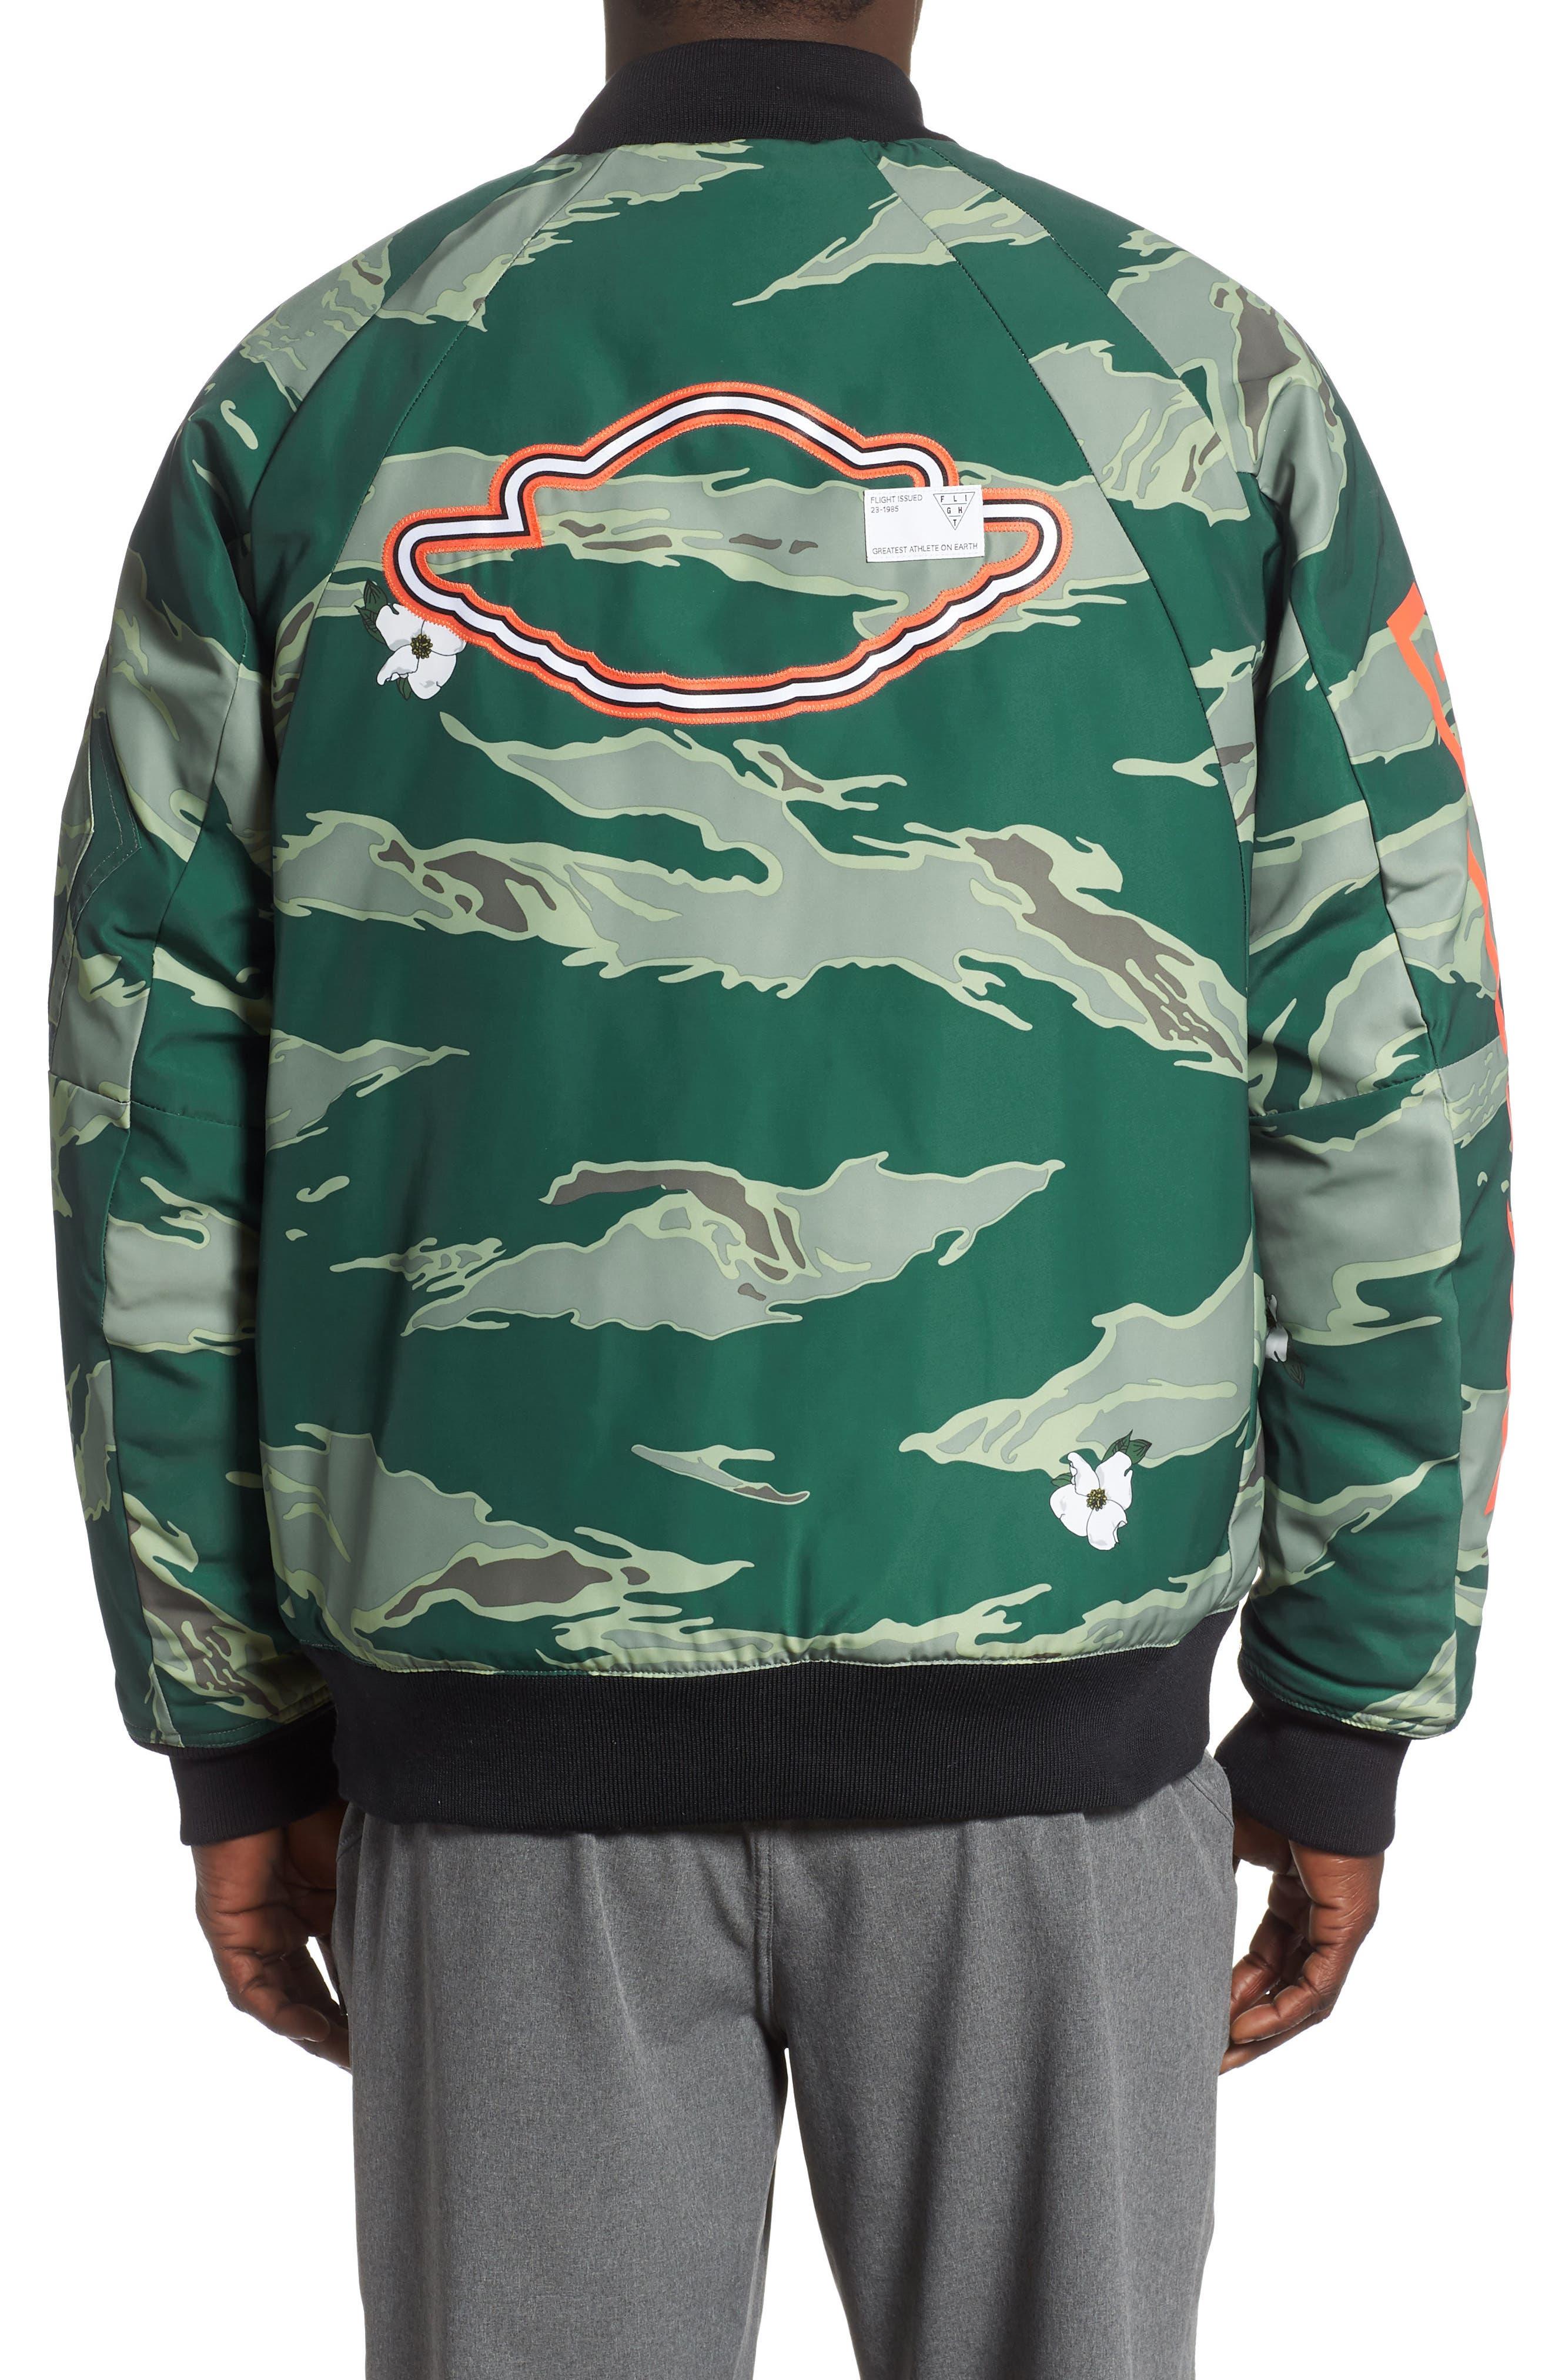 bf309735bb0948 ma 1 flight jacket